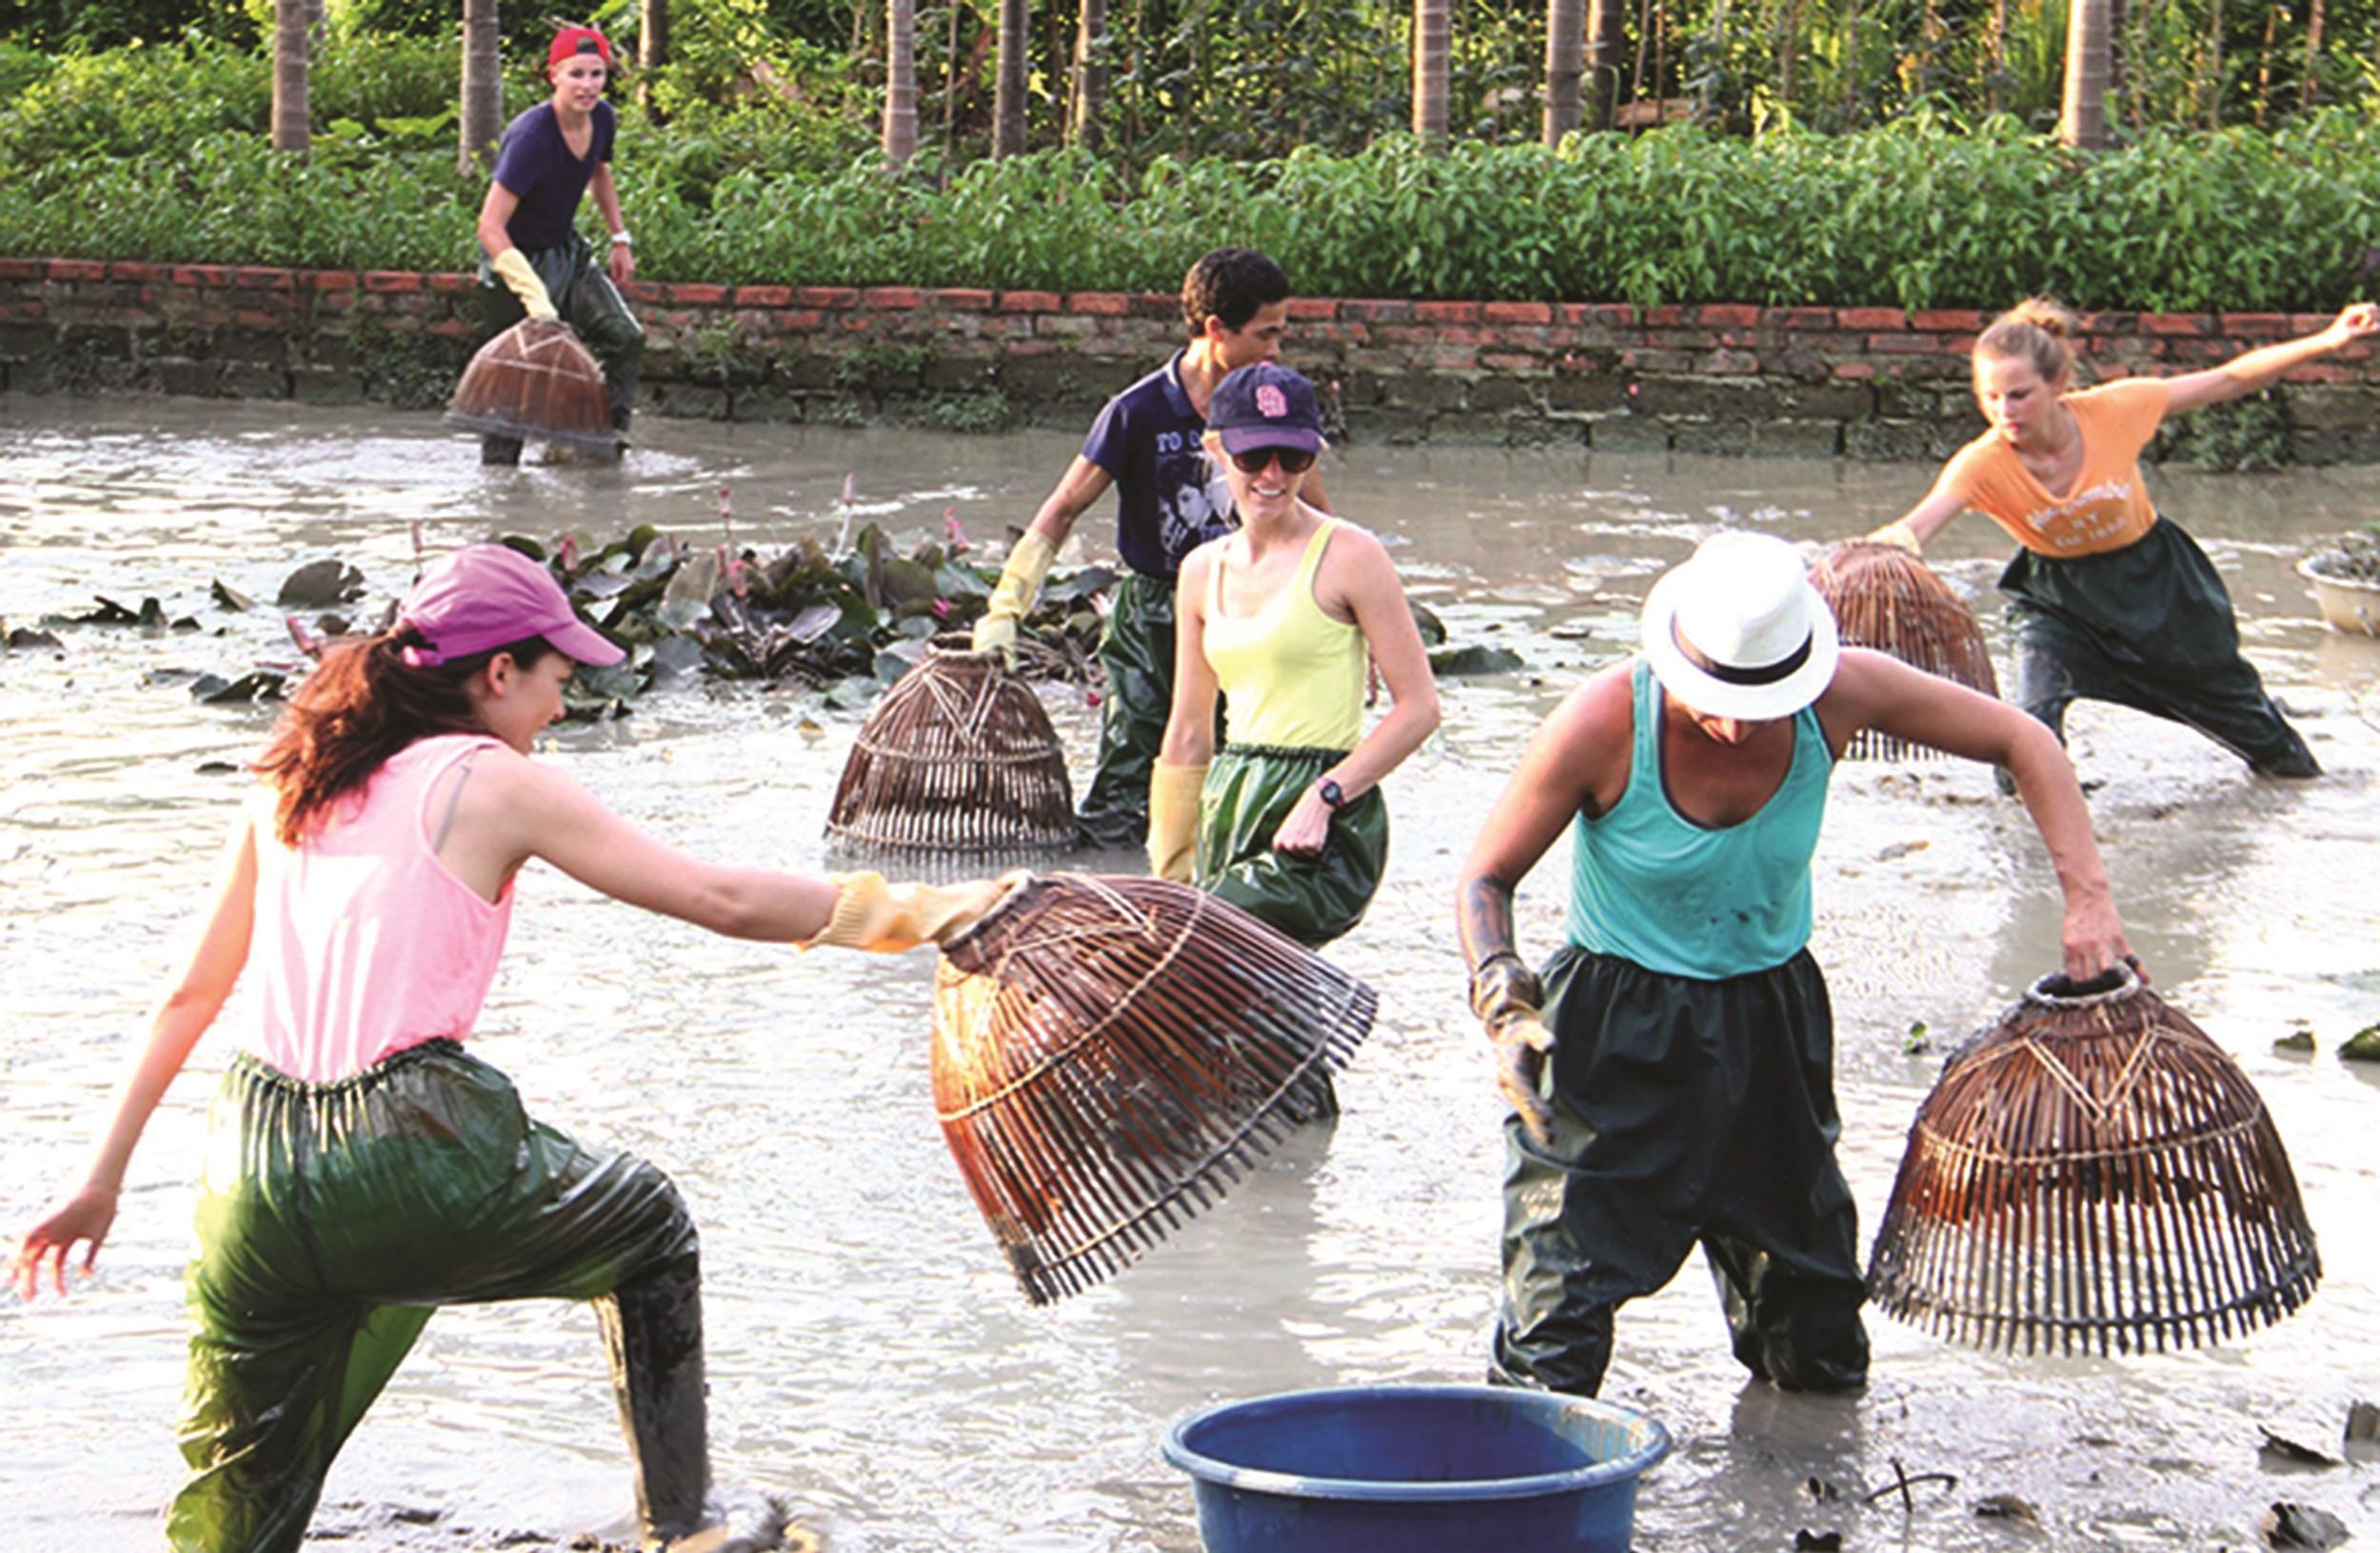 Khách du lịch trải nghiệm đánh bắt cá bằng nơm tại Khu du lịch làng quê Yên Đức (Đông Triều, Quảng Ninh)